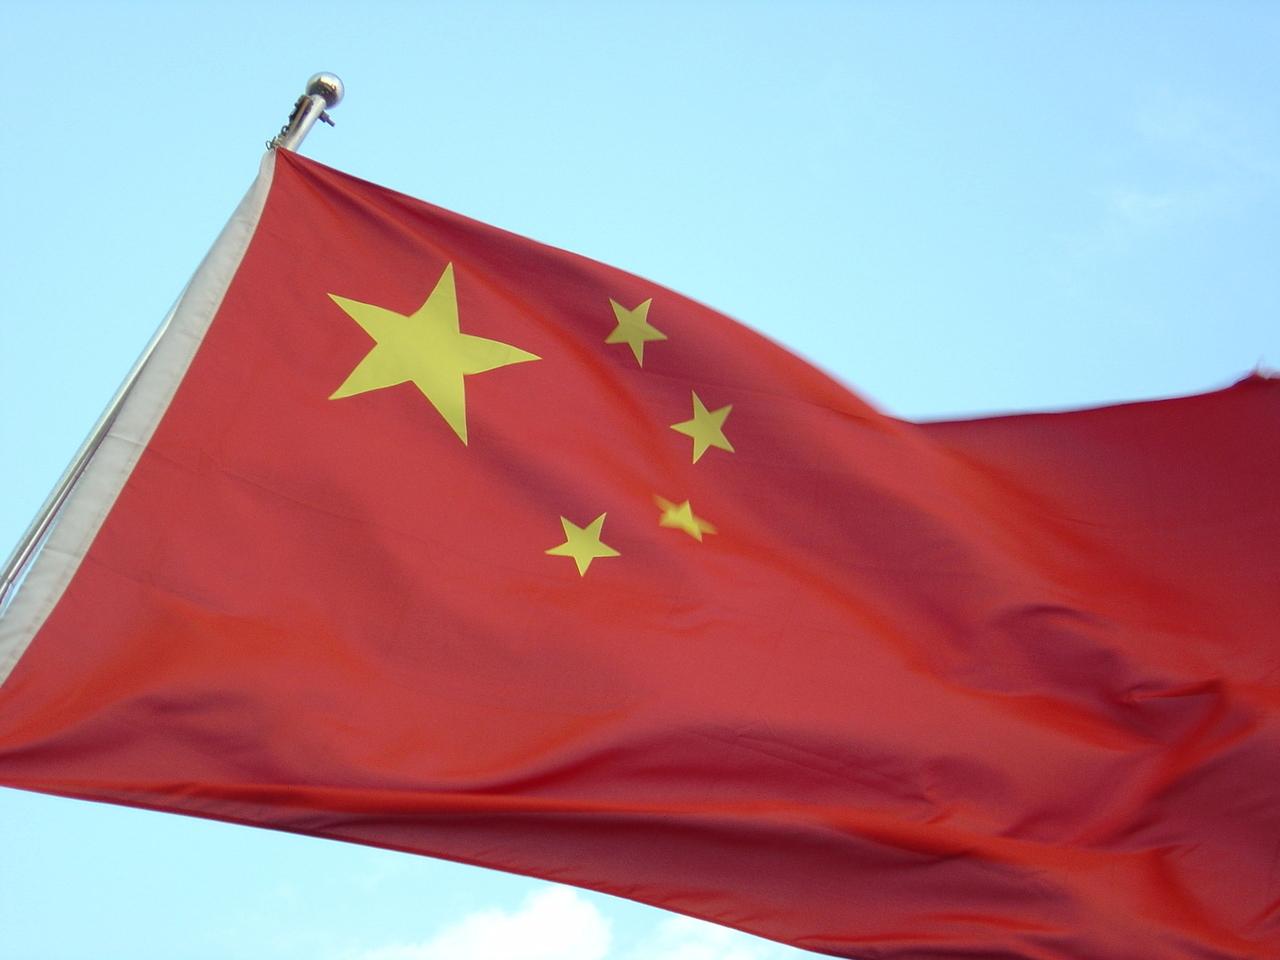 Casi di pena si morte in Cina